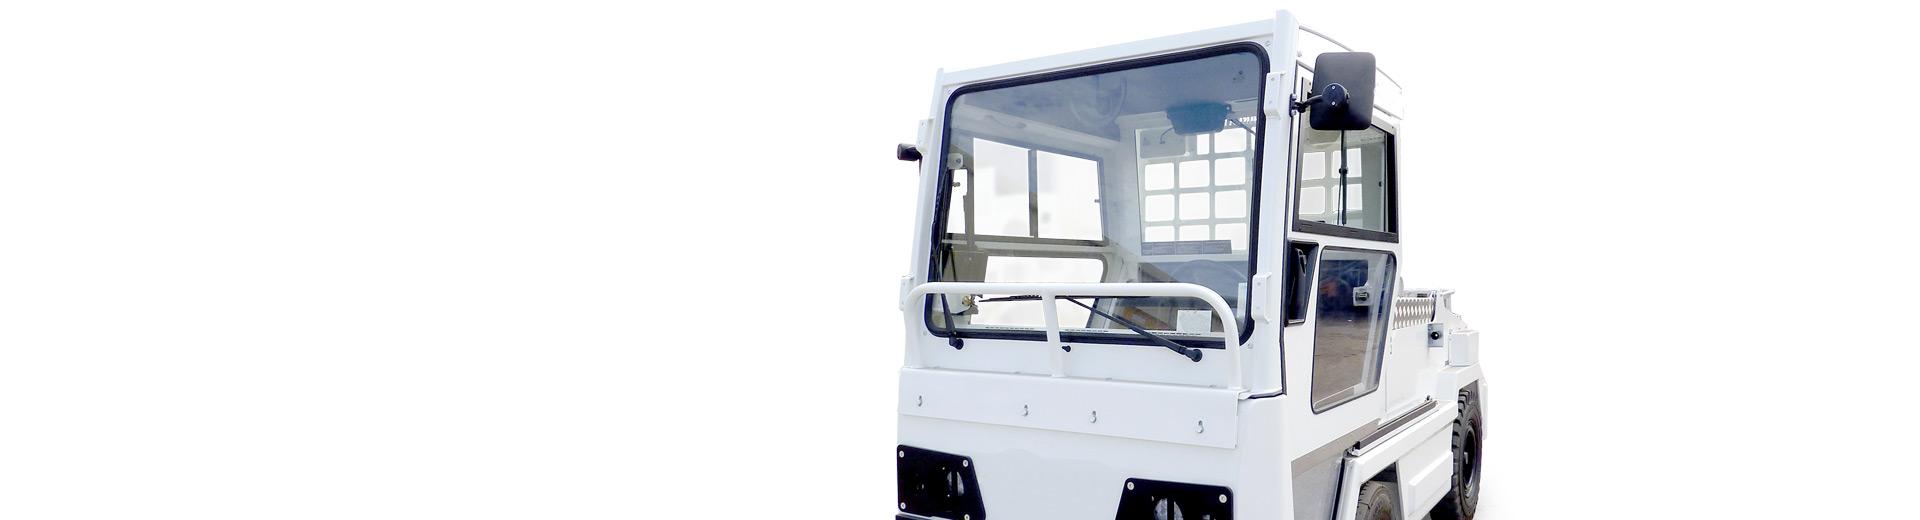 Cabines denizet, des cabines et postes de pilotage adaptés à vos besoins